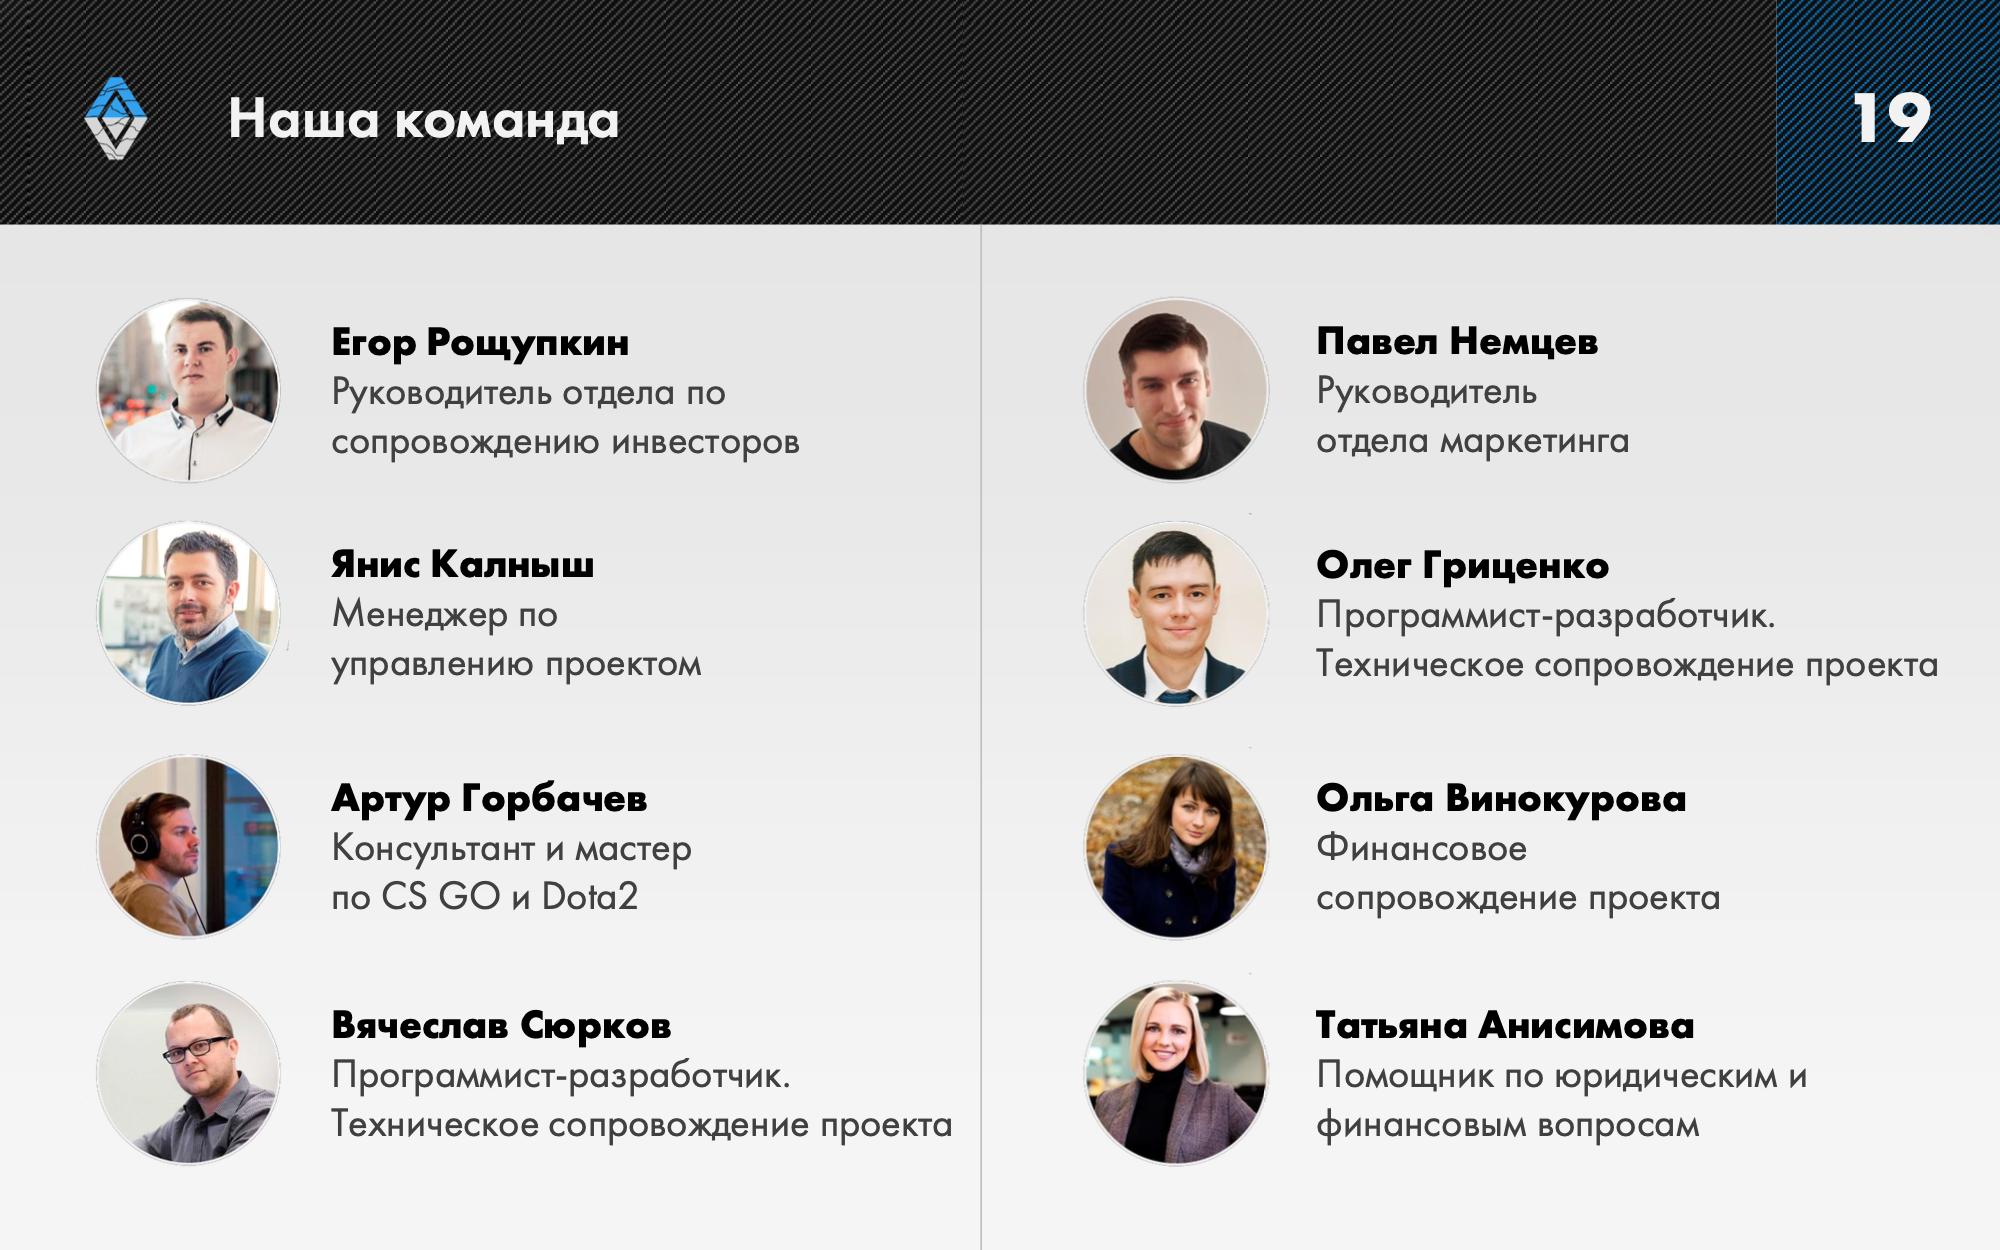 В презентации показана команда, которая работает надпроектом. Но на самом деле этих людей не существует